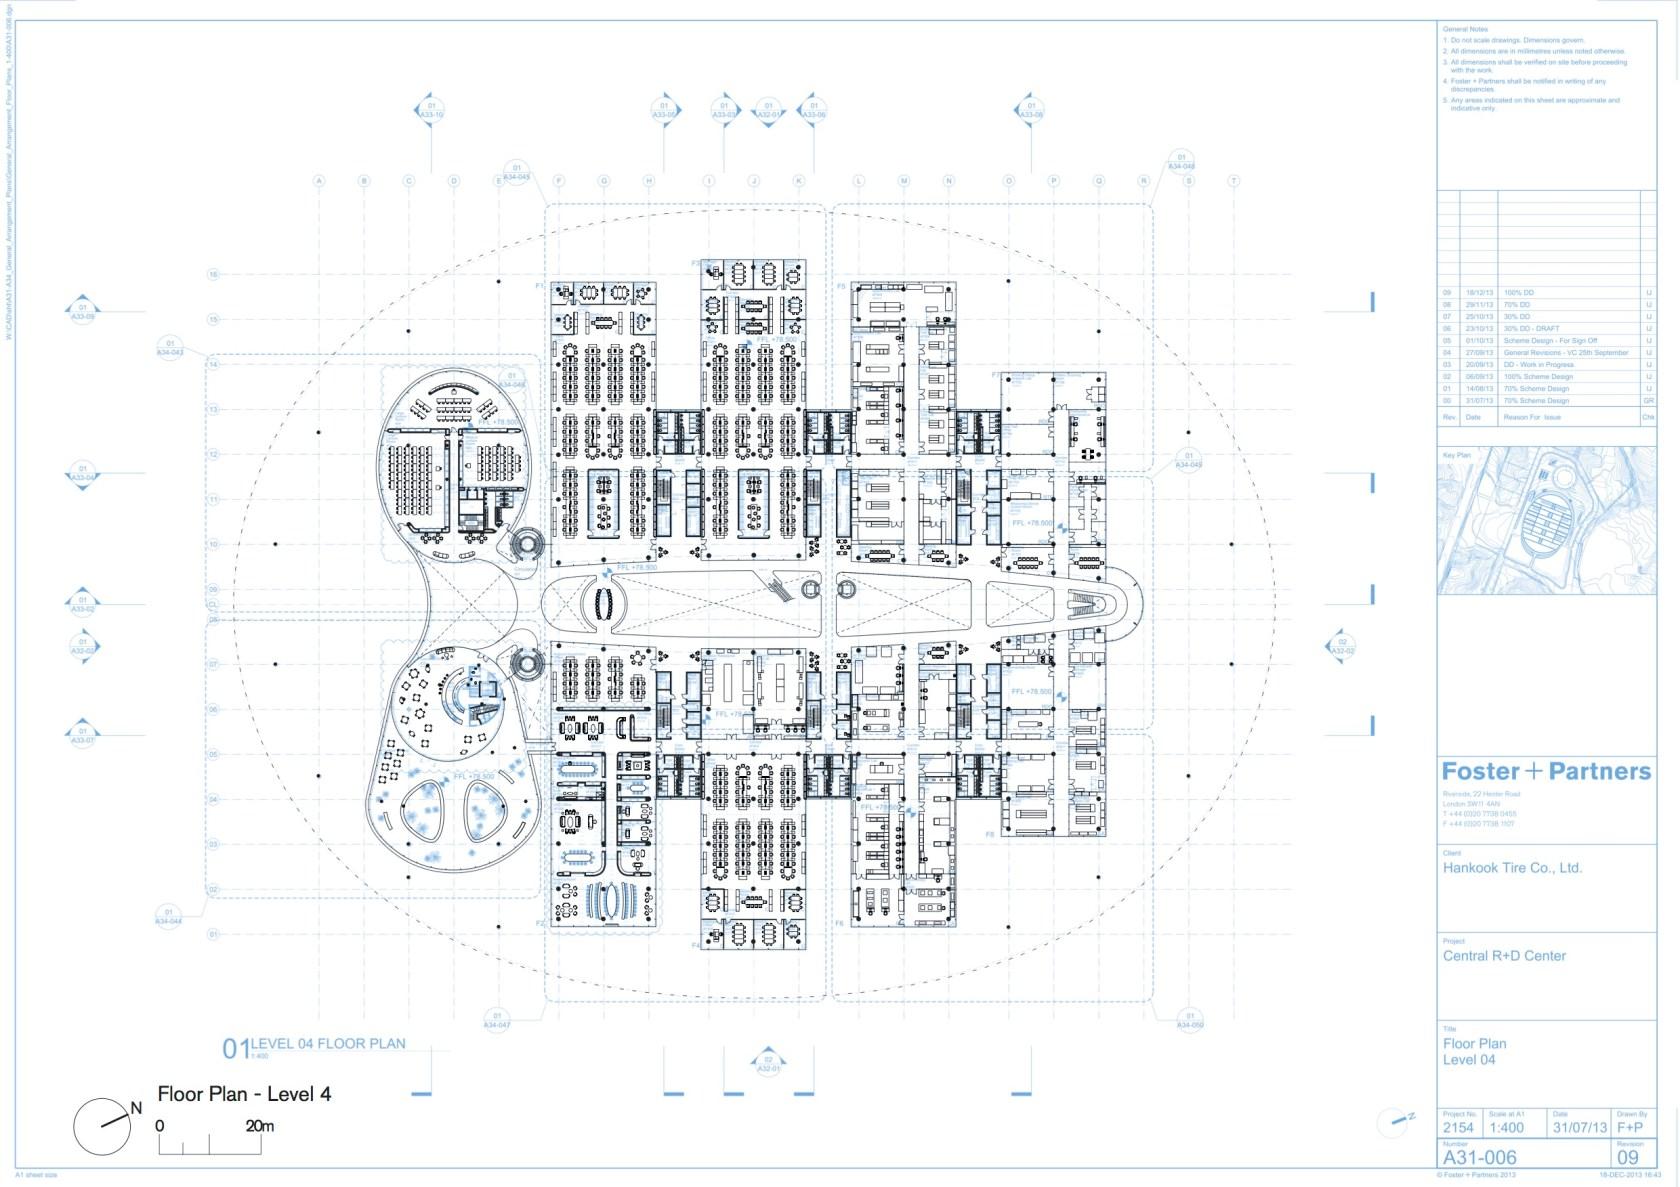 diagram of hankook tire [ 1680 x 1188 Pixel ]